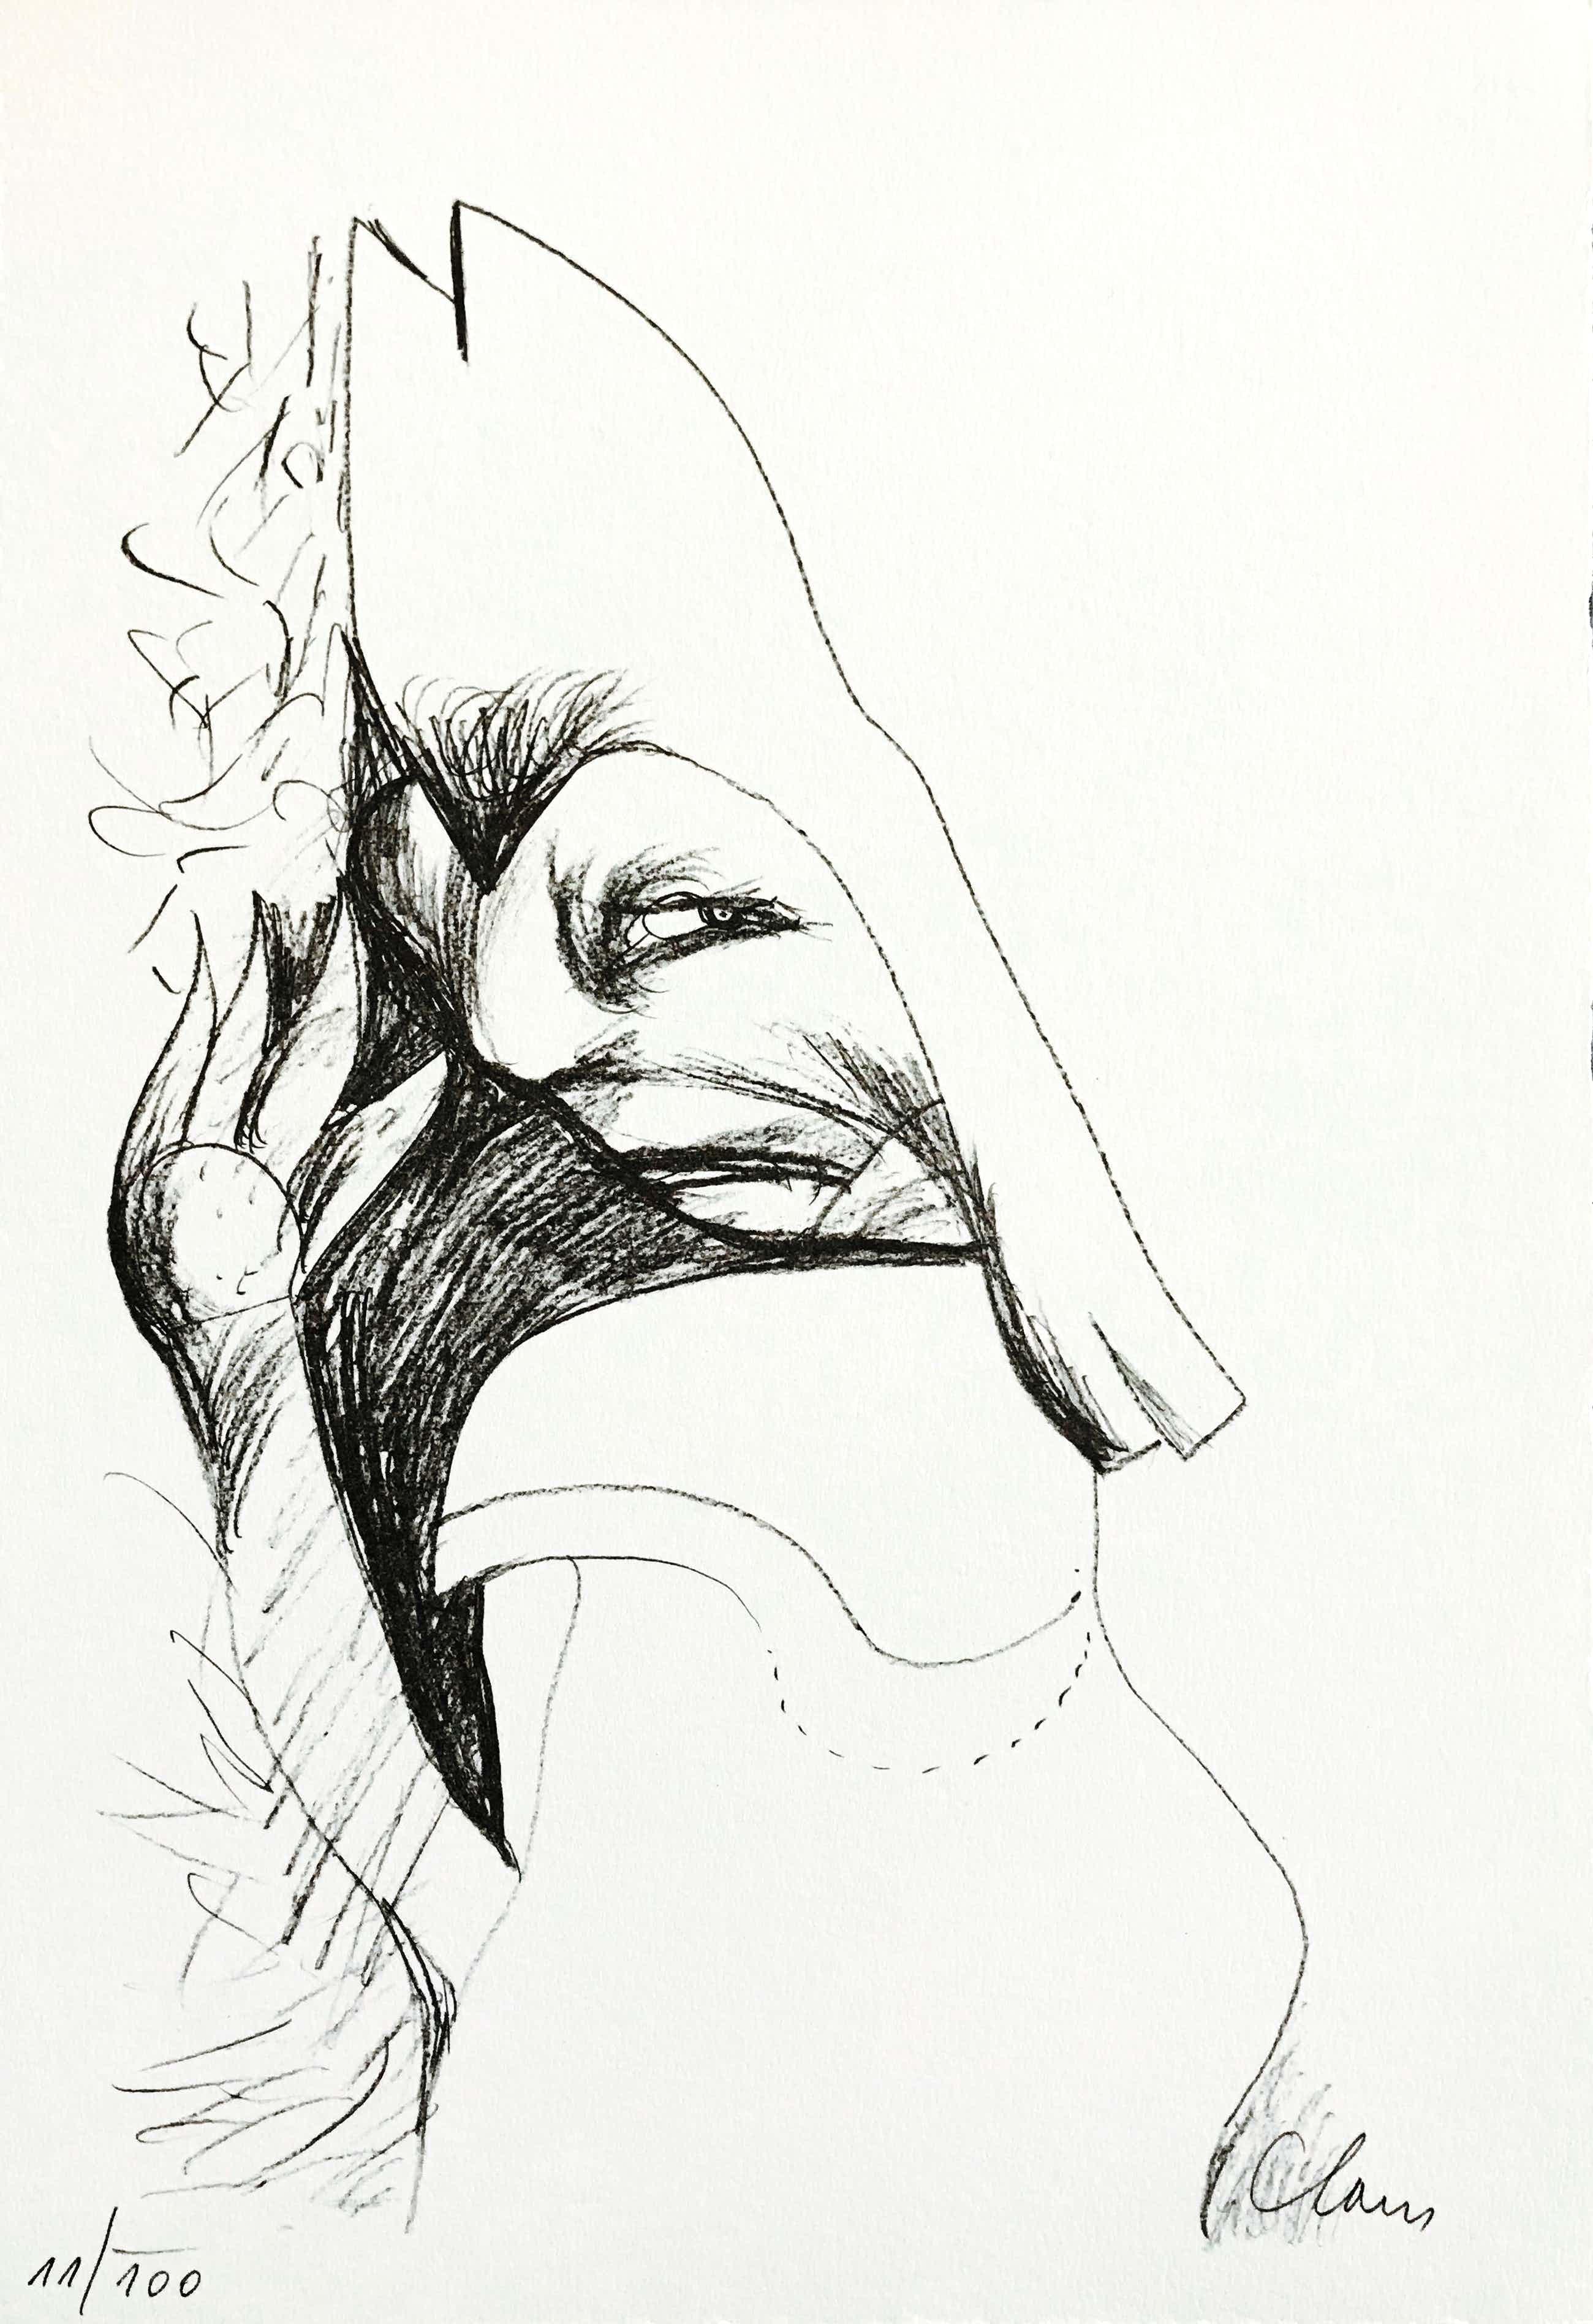 Hugo Claus - Fraaie lithografie - Oplage 100 - Gesigneerd - 1978 kopen? Bied vanaf 75!